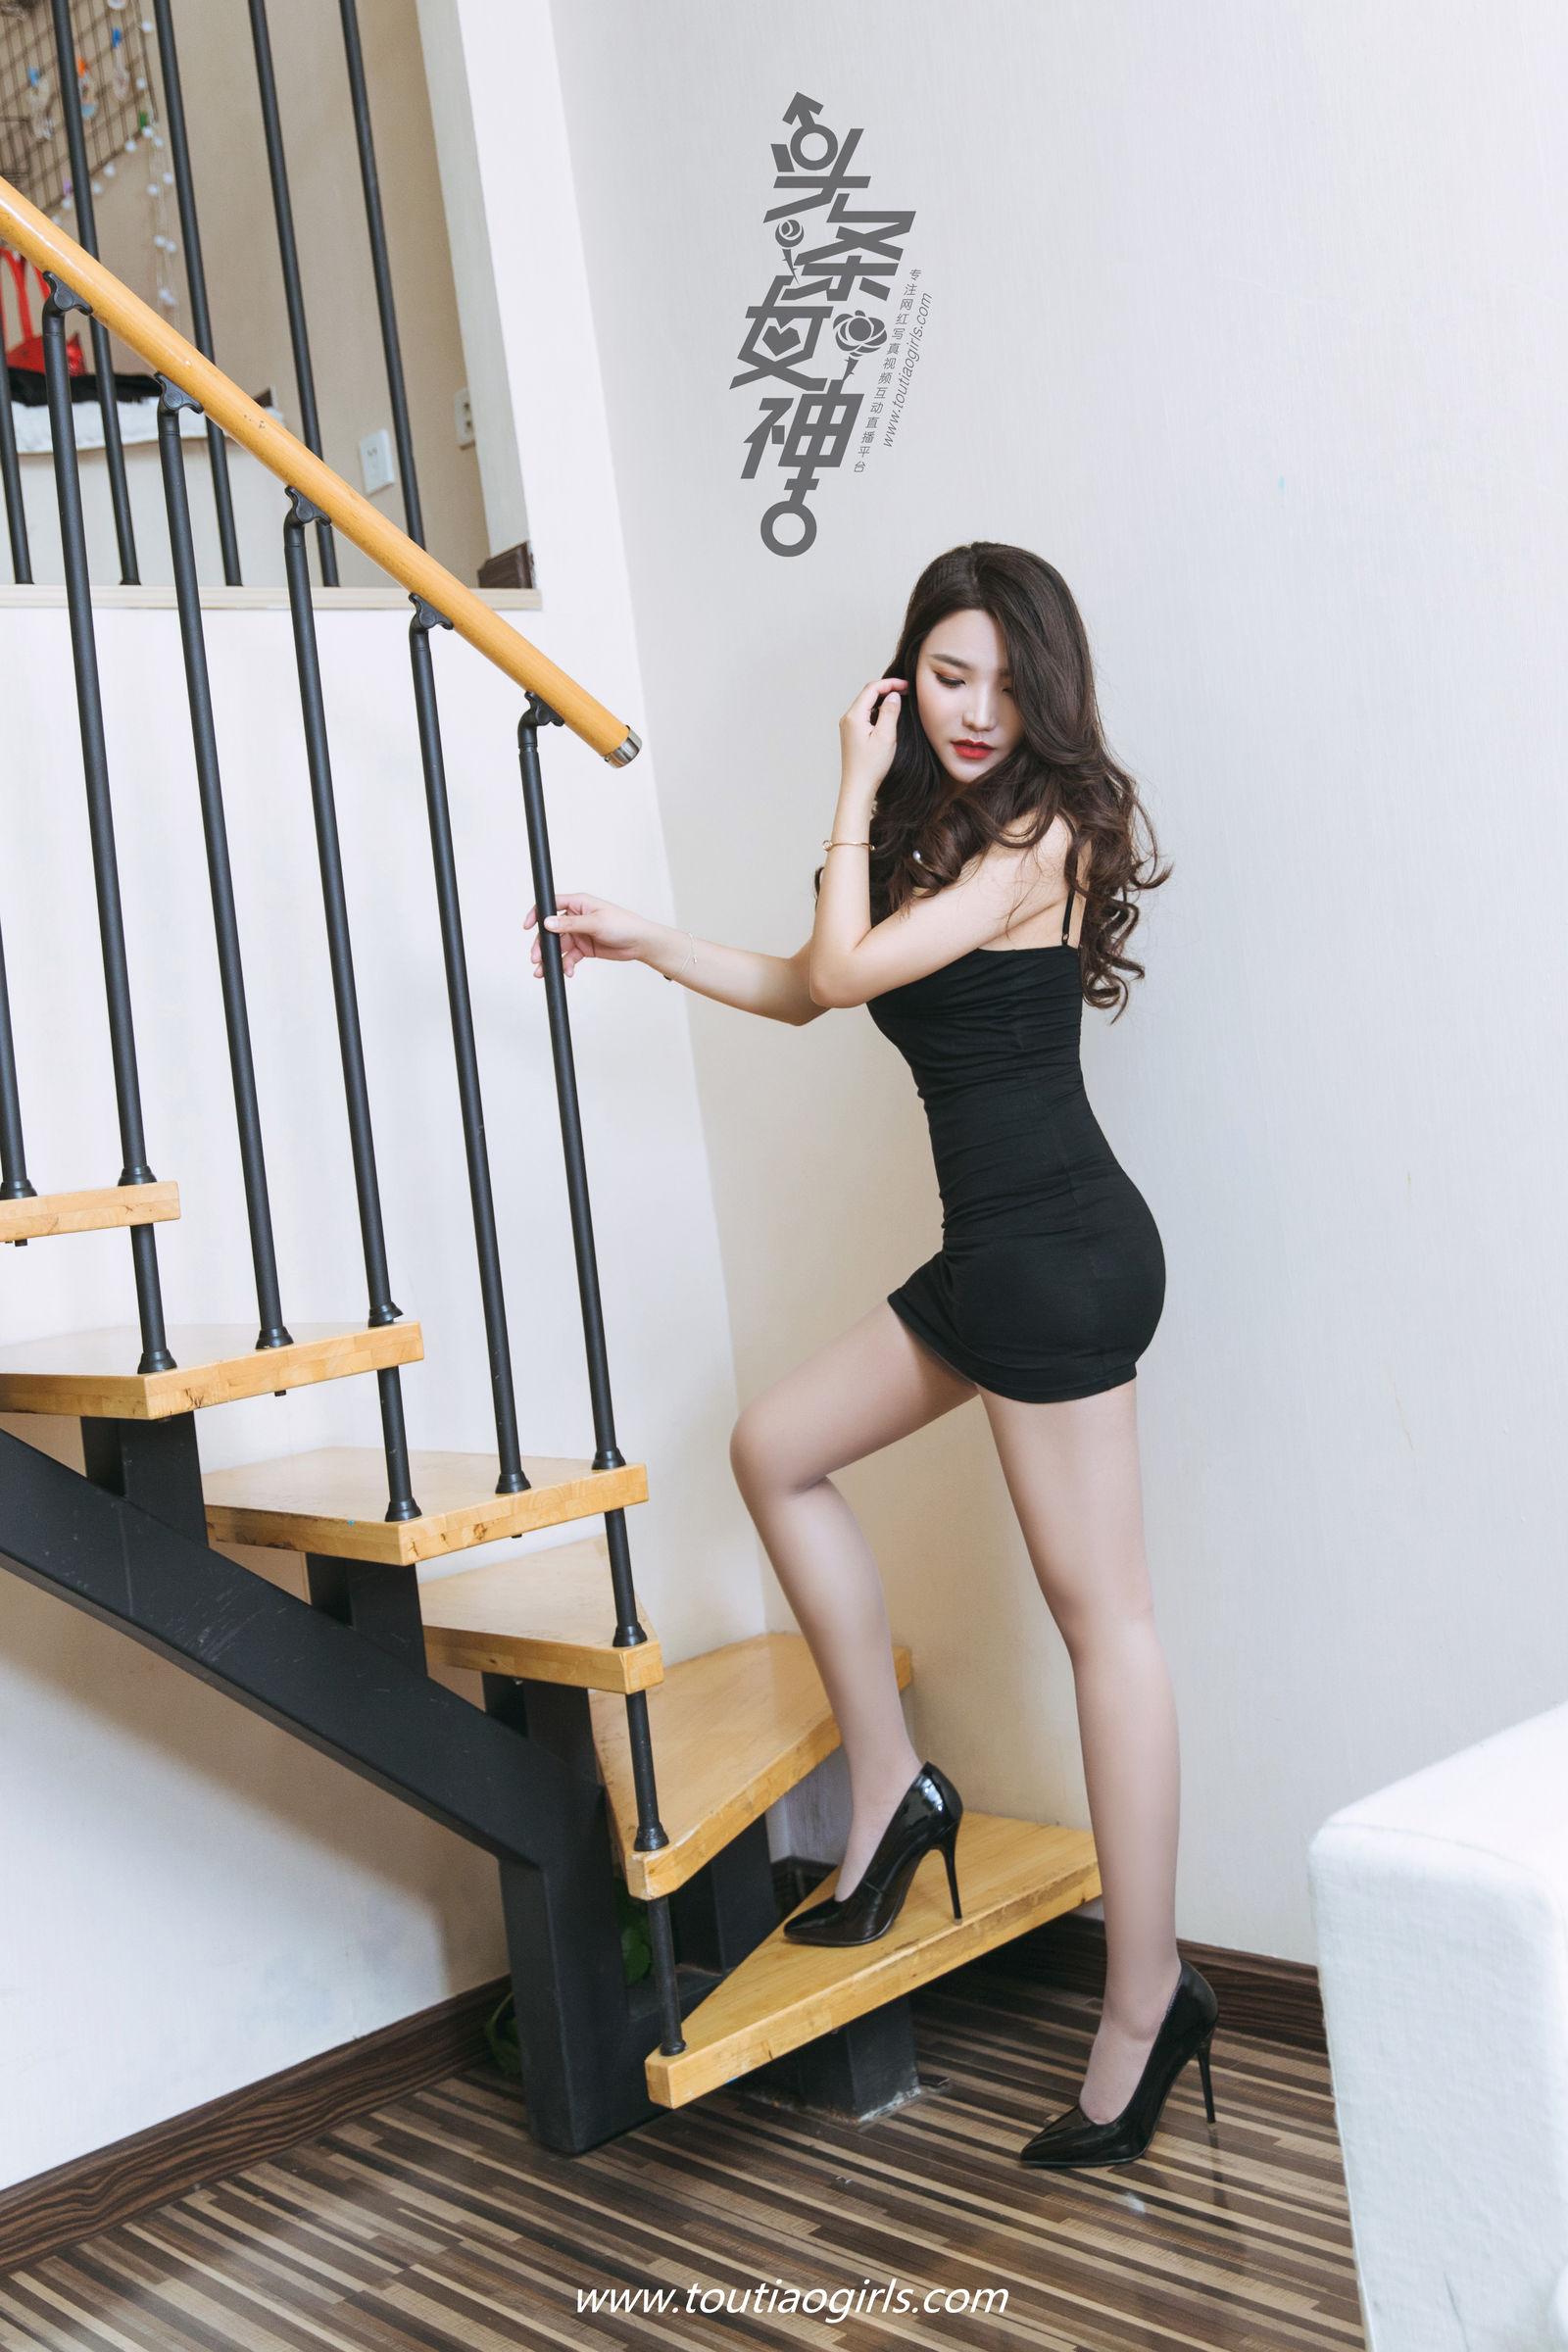 小唐嫣 - 蜜汁熟女1 写真套图